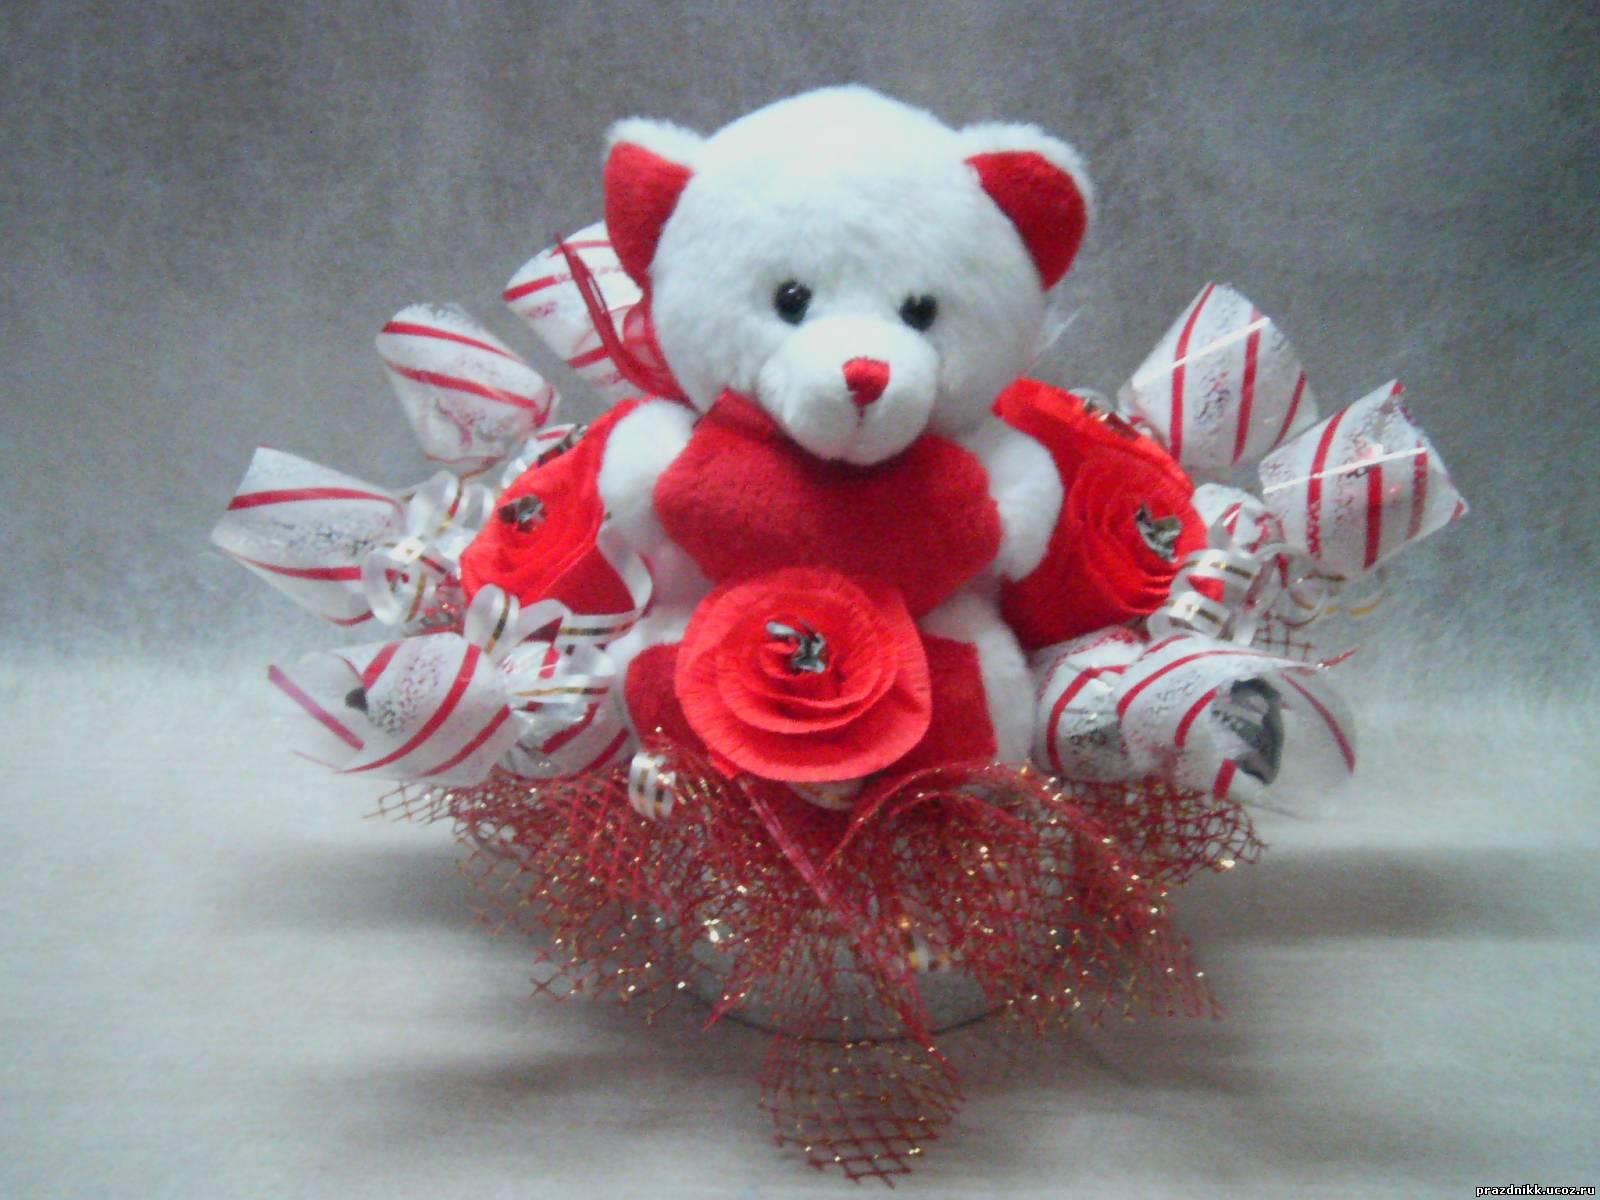 Фото букетов цветов с мишками